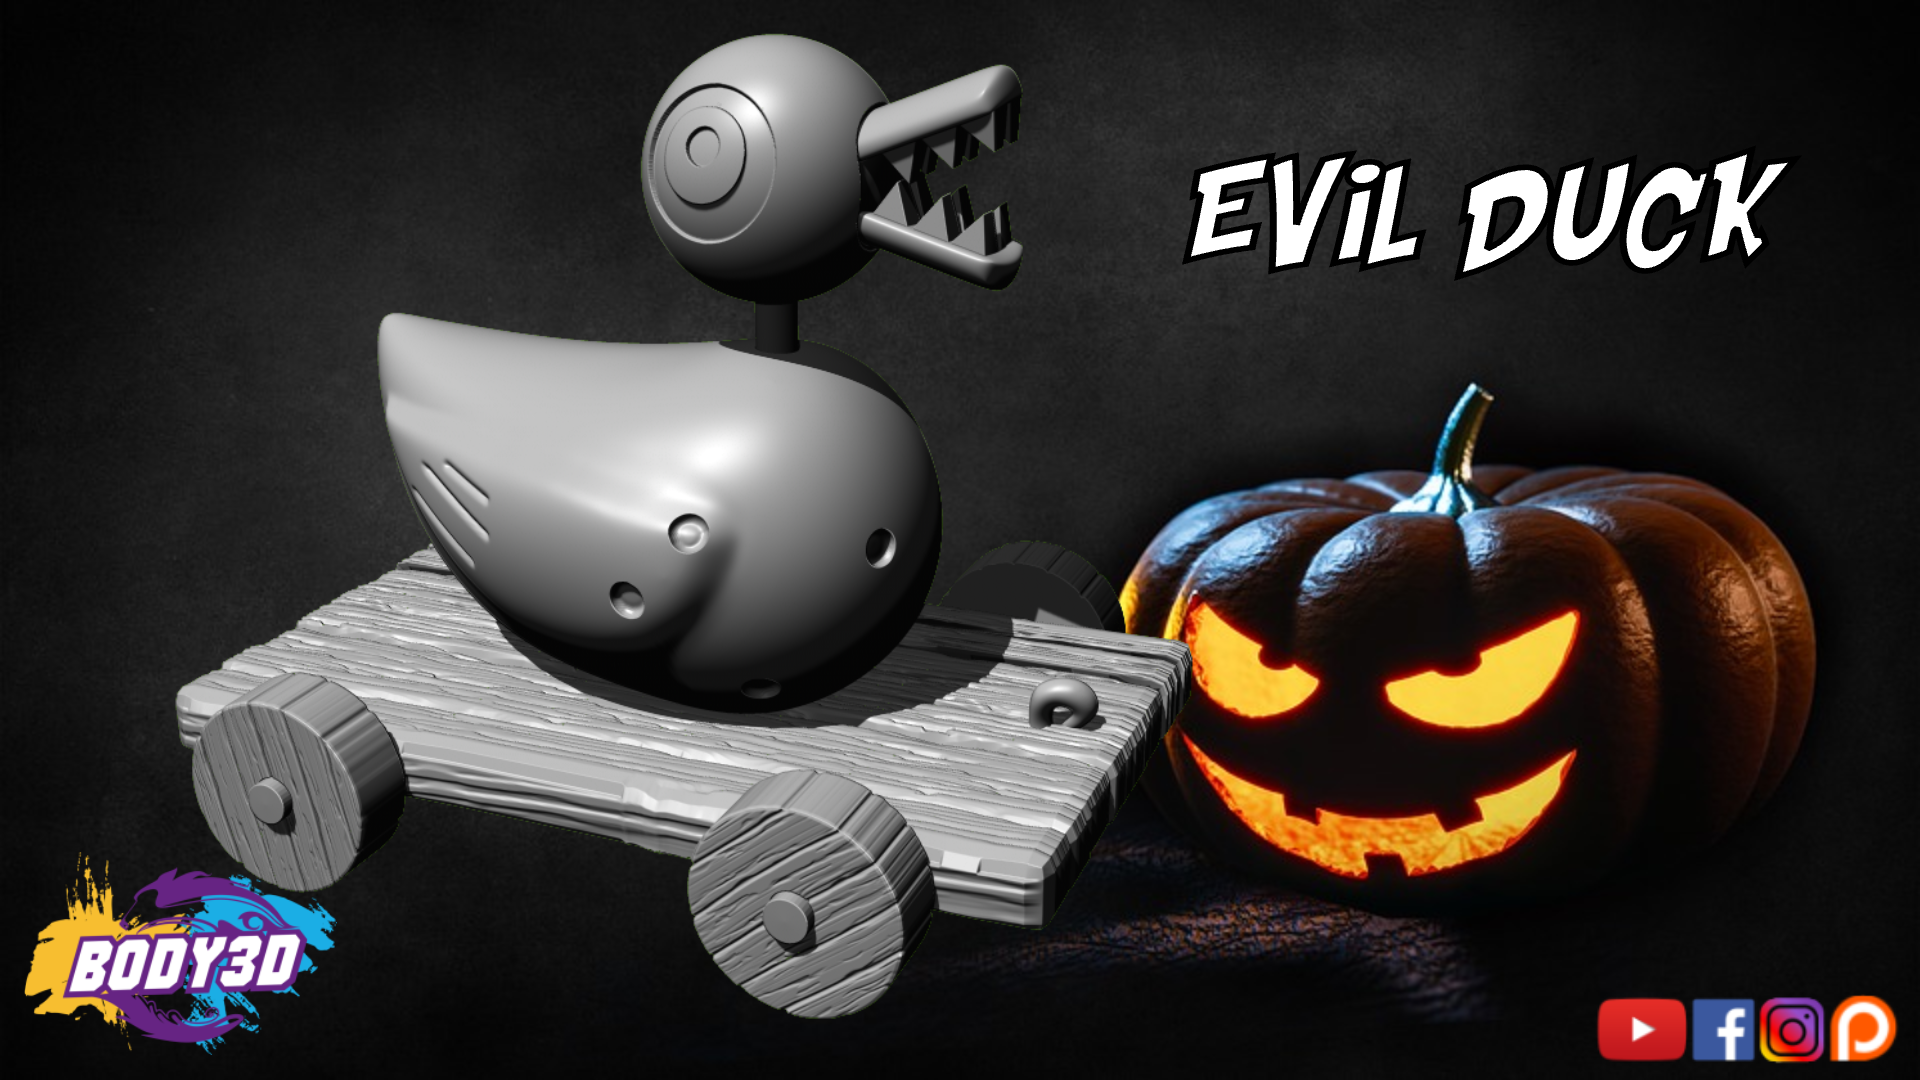 gfdgdsggsg.png Télécharger fichier STL Evil Duck - Nightmare Before Christmas • Design pour impression 3D, BODY3D